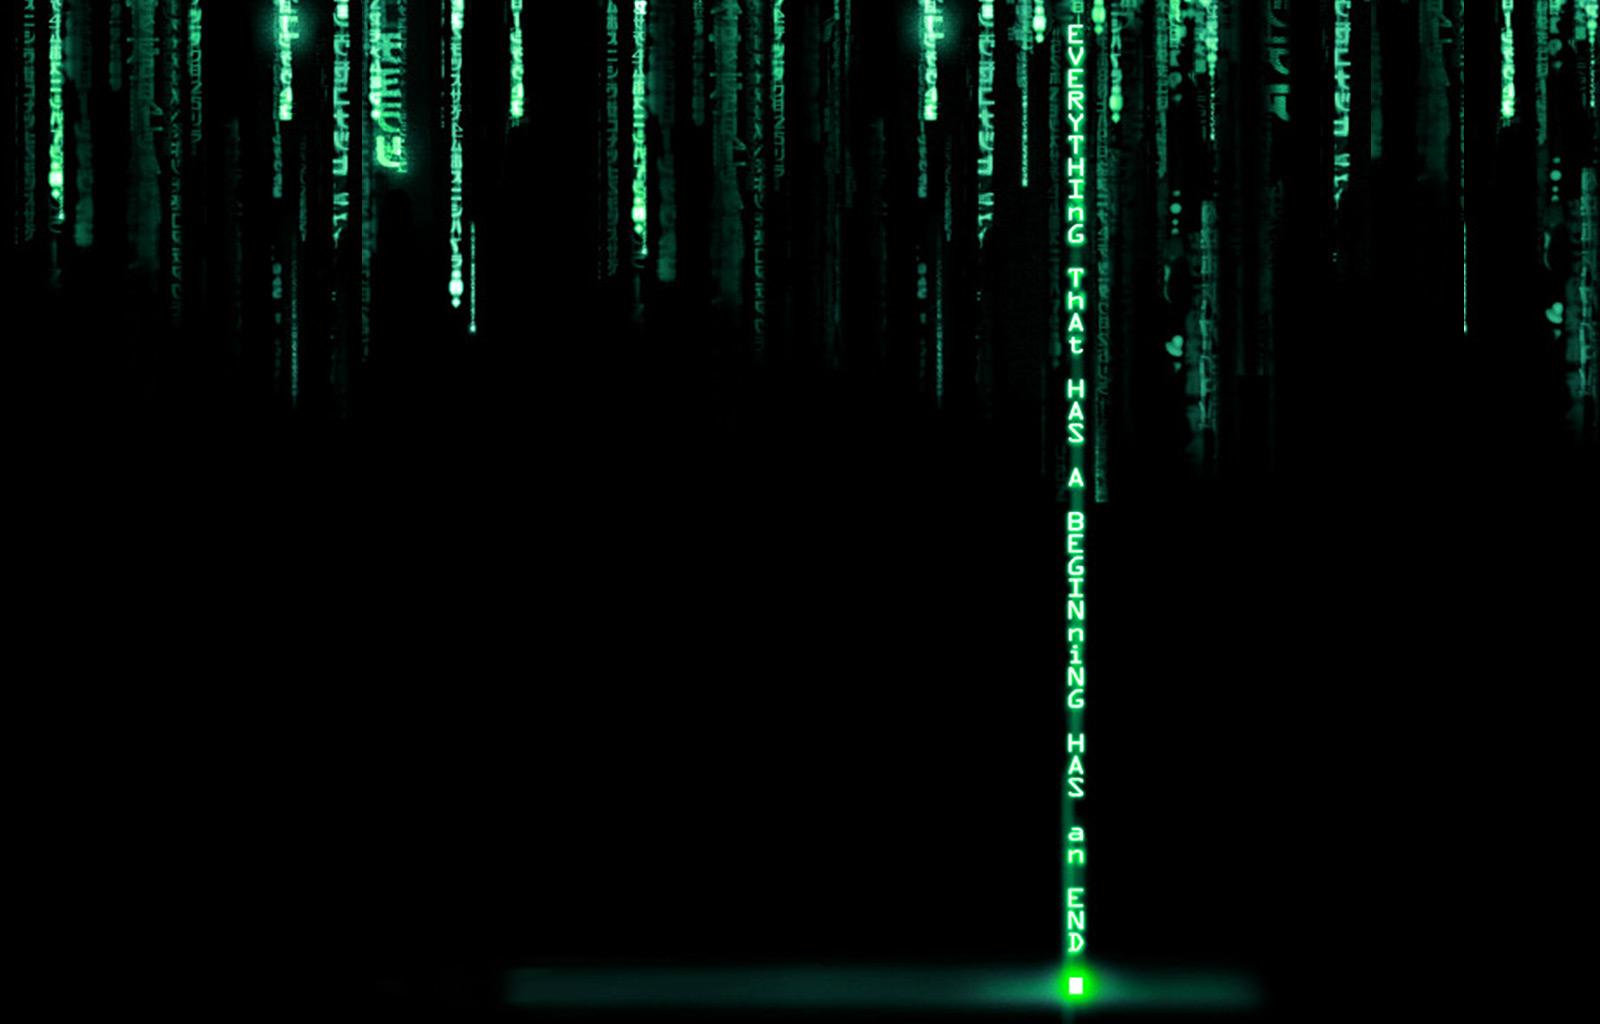 Matrix Code Wallpaper 1600x1024 Matrix Code 1600x1024